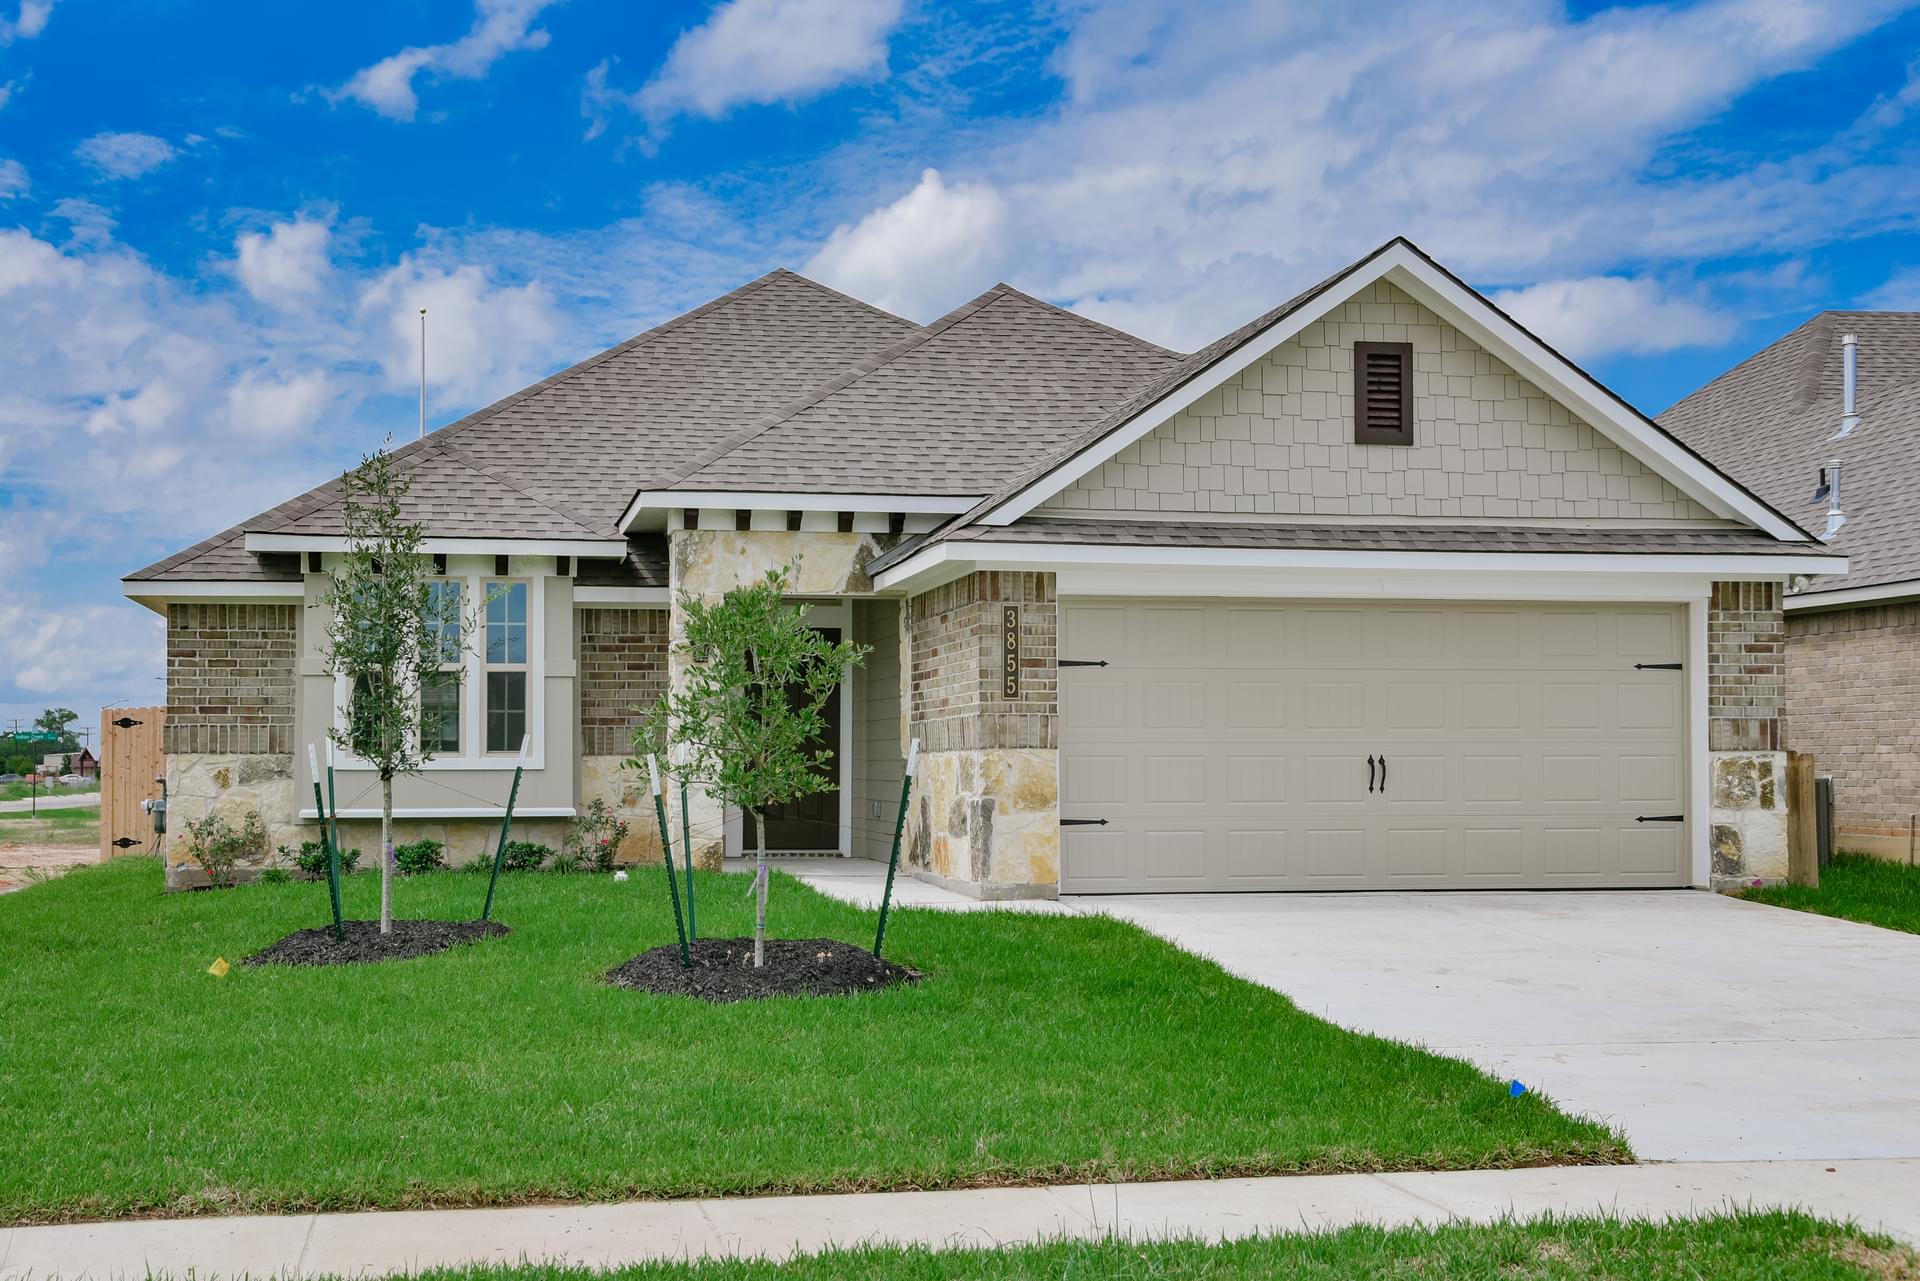 169 Emery Oak Way in Huntsville, TX